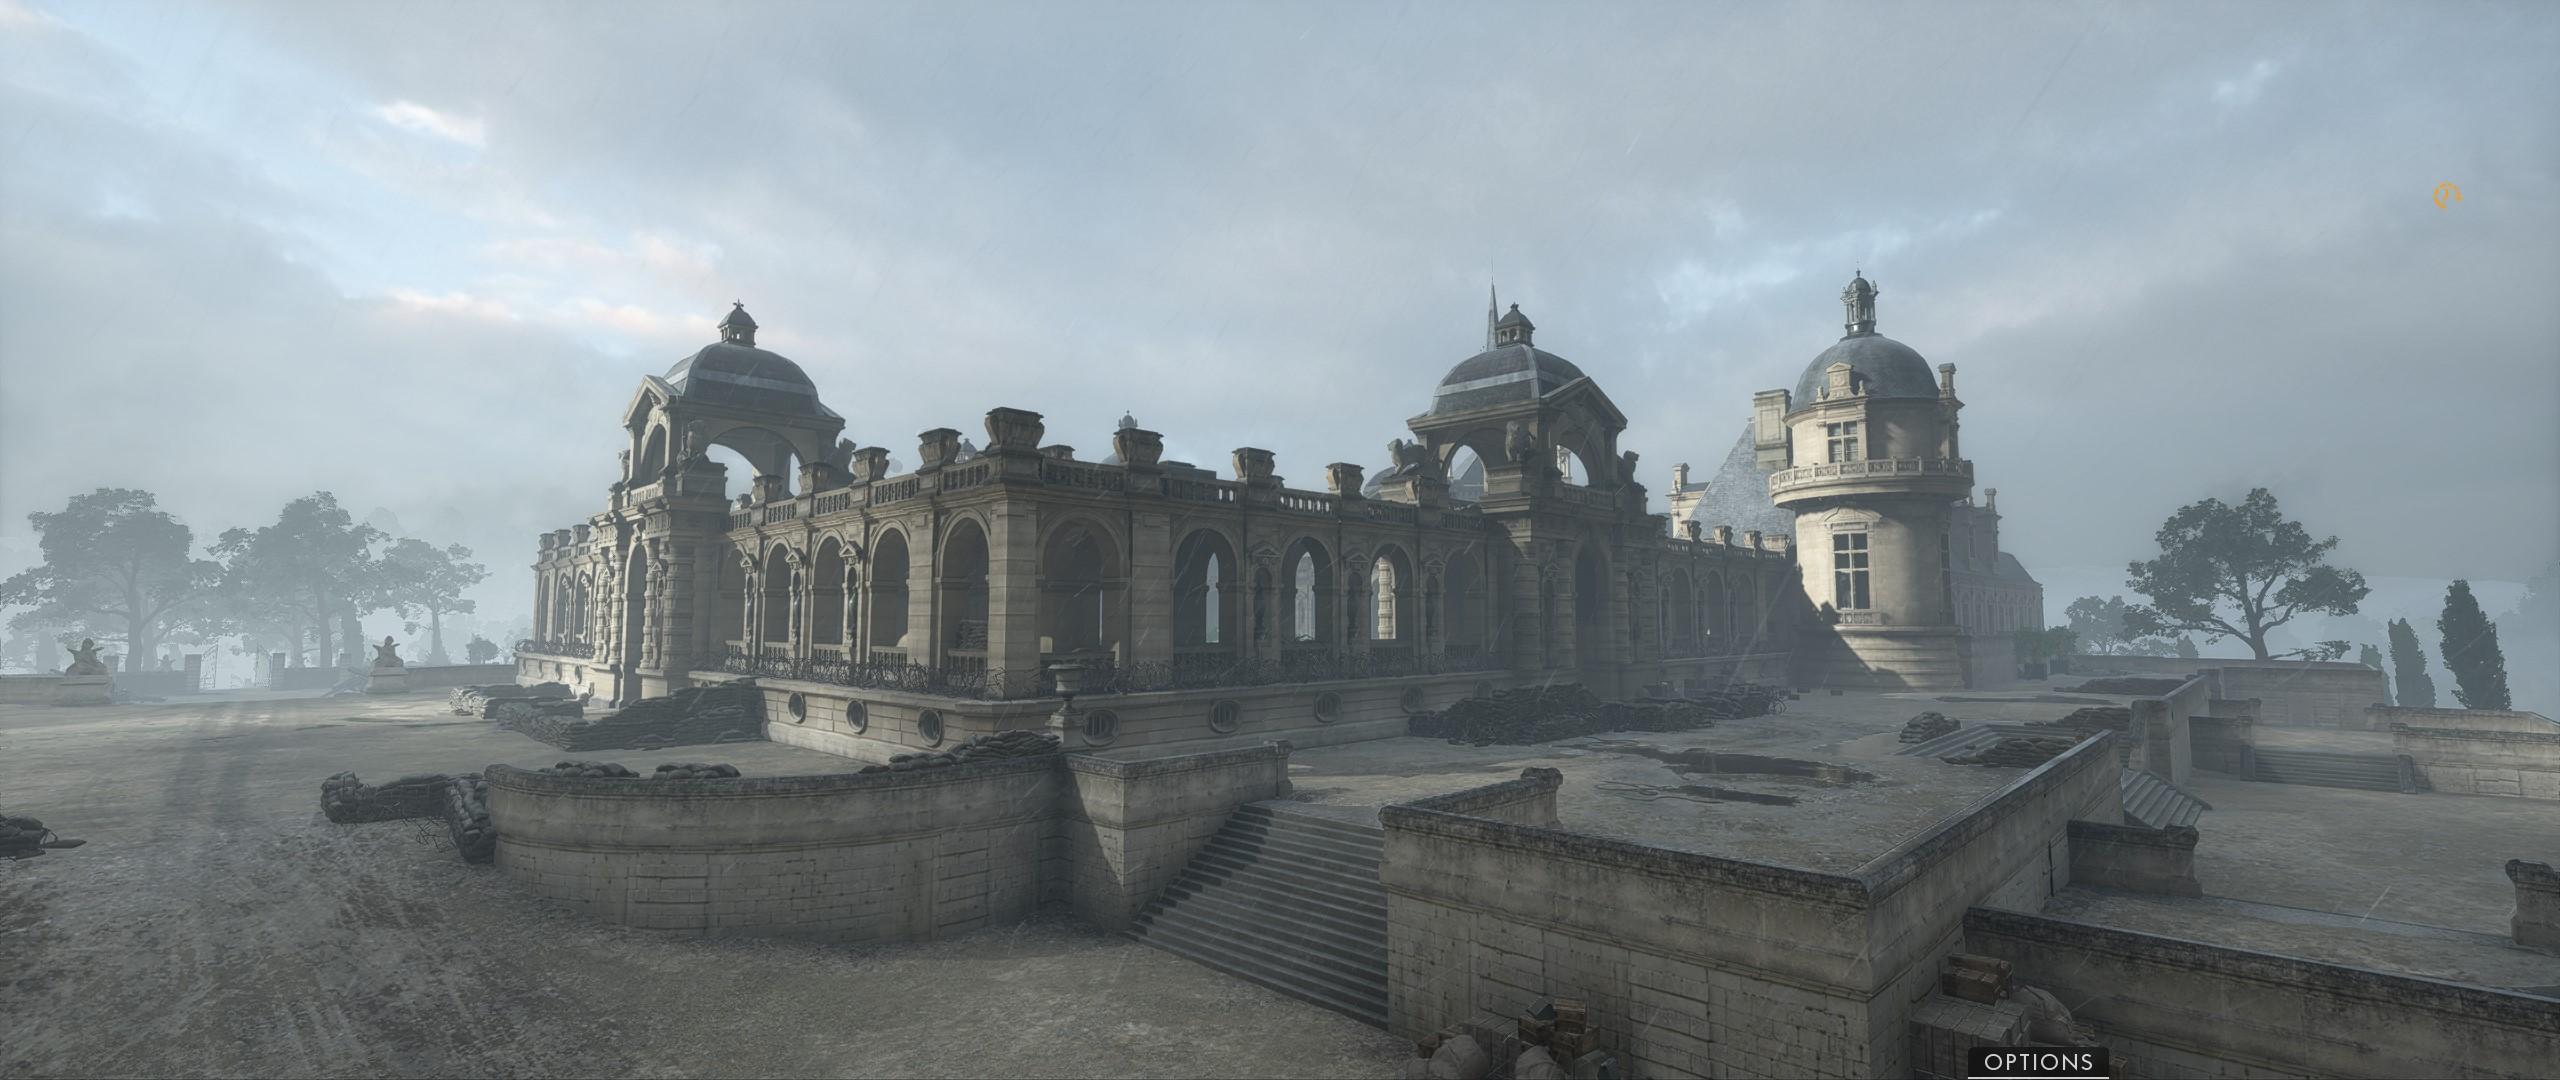 chateau (24).jpg